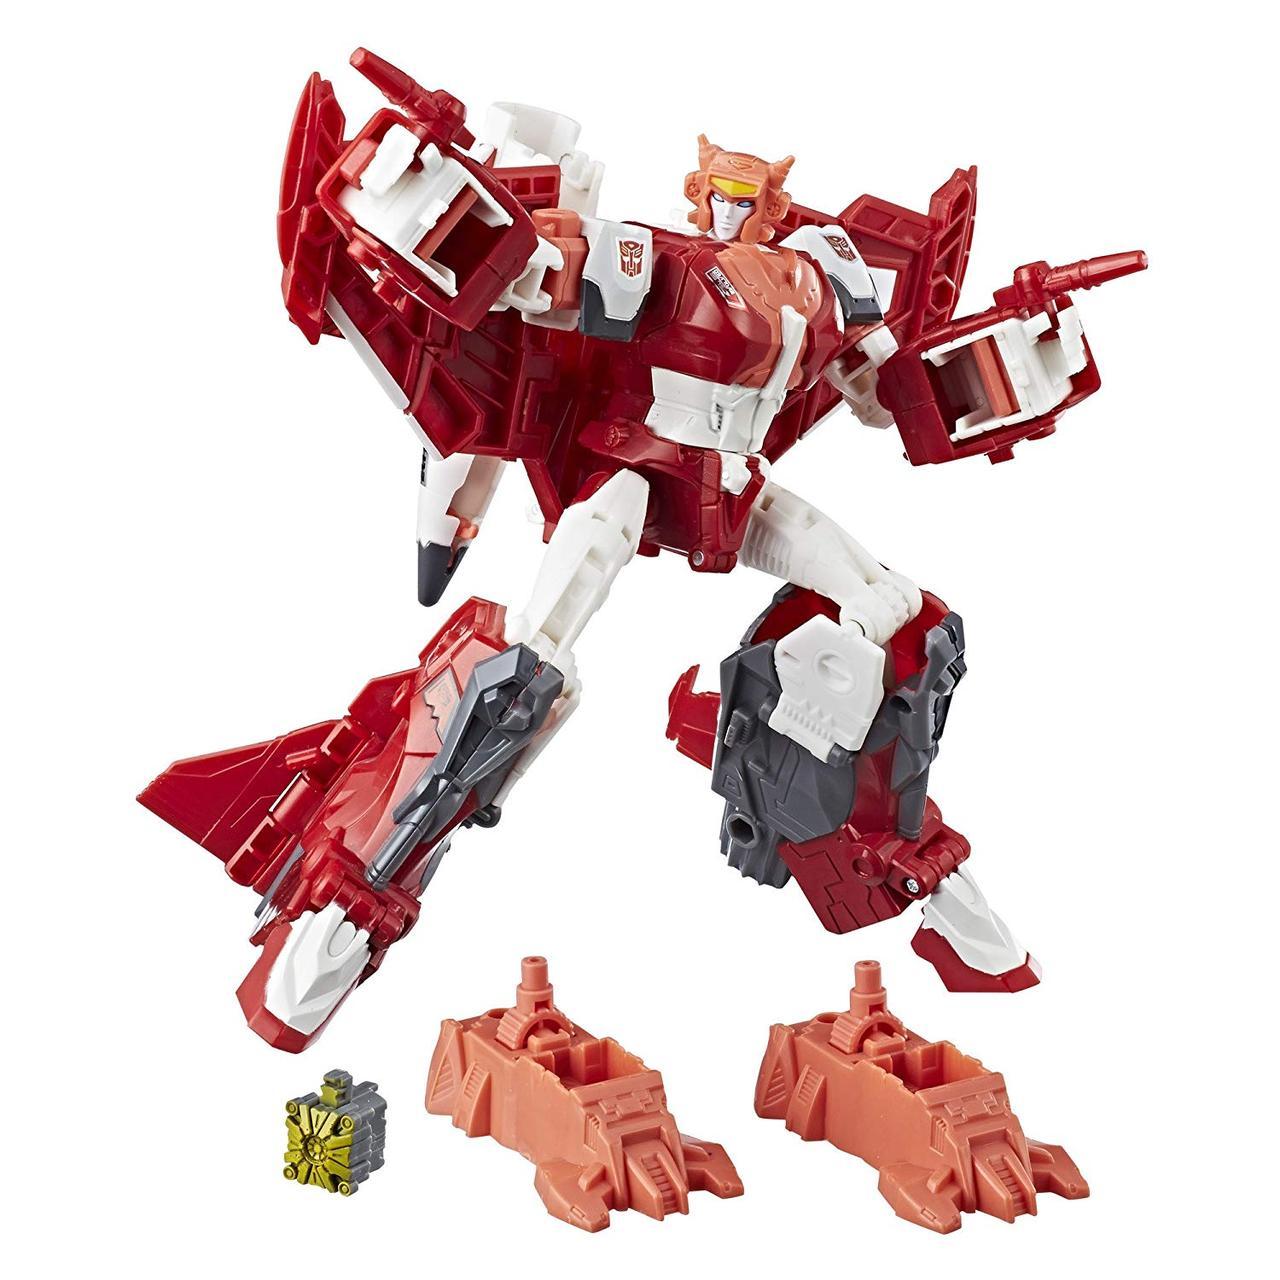 Робот-трансформер Hasbro Элита-1, Сила Праймов 23 cм - Elita-1, Voyager Class